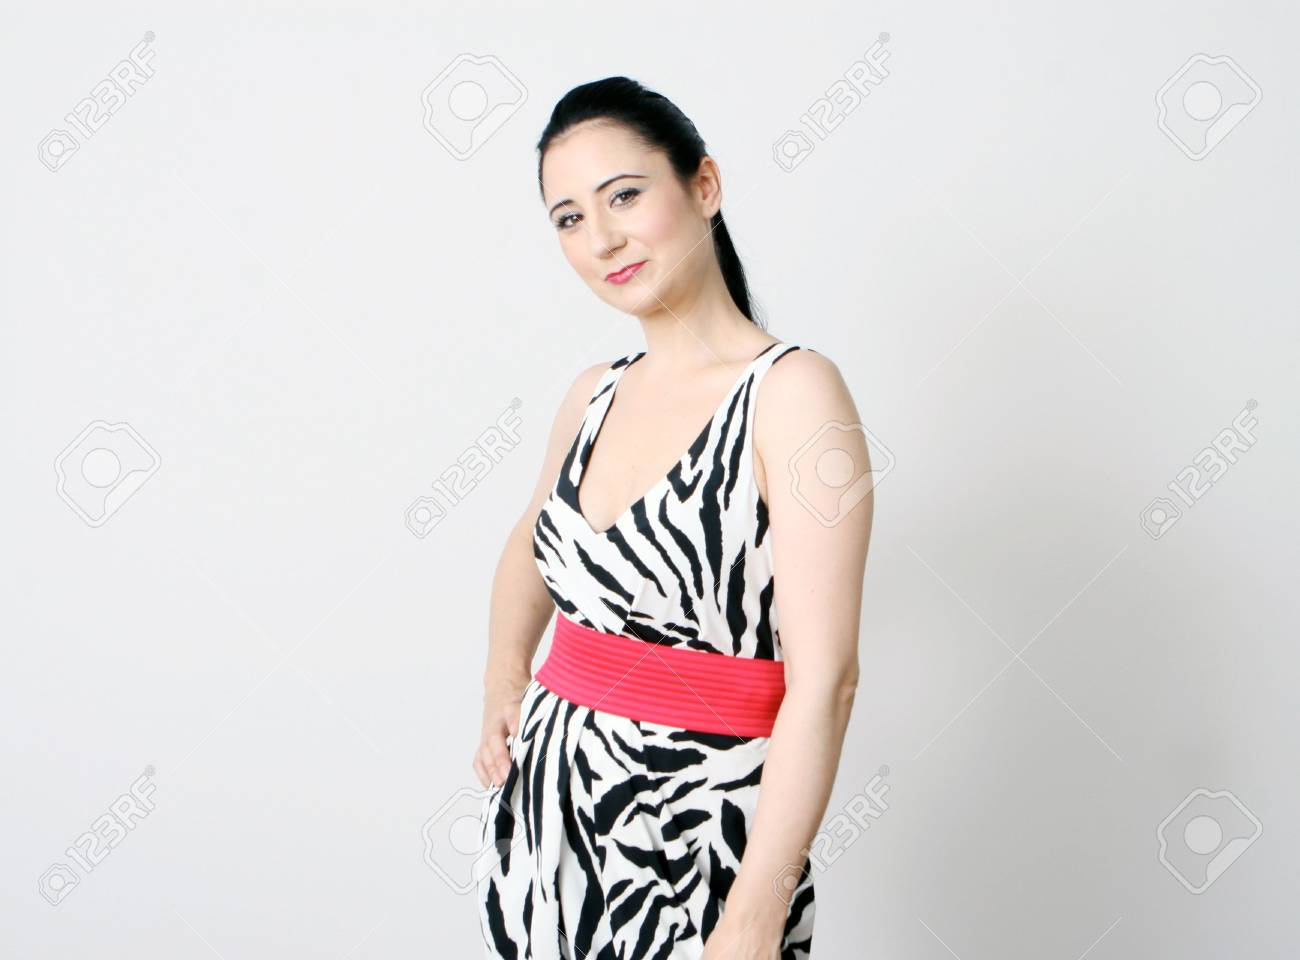 0221419a3 Foto de archivo - Hermosa mujer en un vestido de impresión de cebra -  aislado.